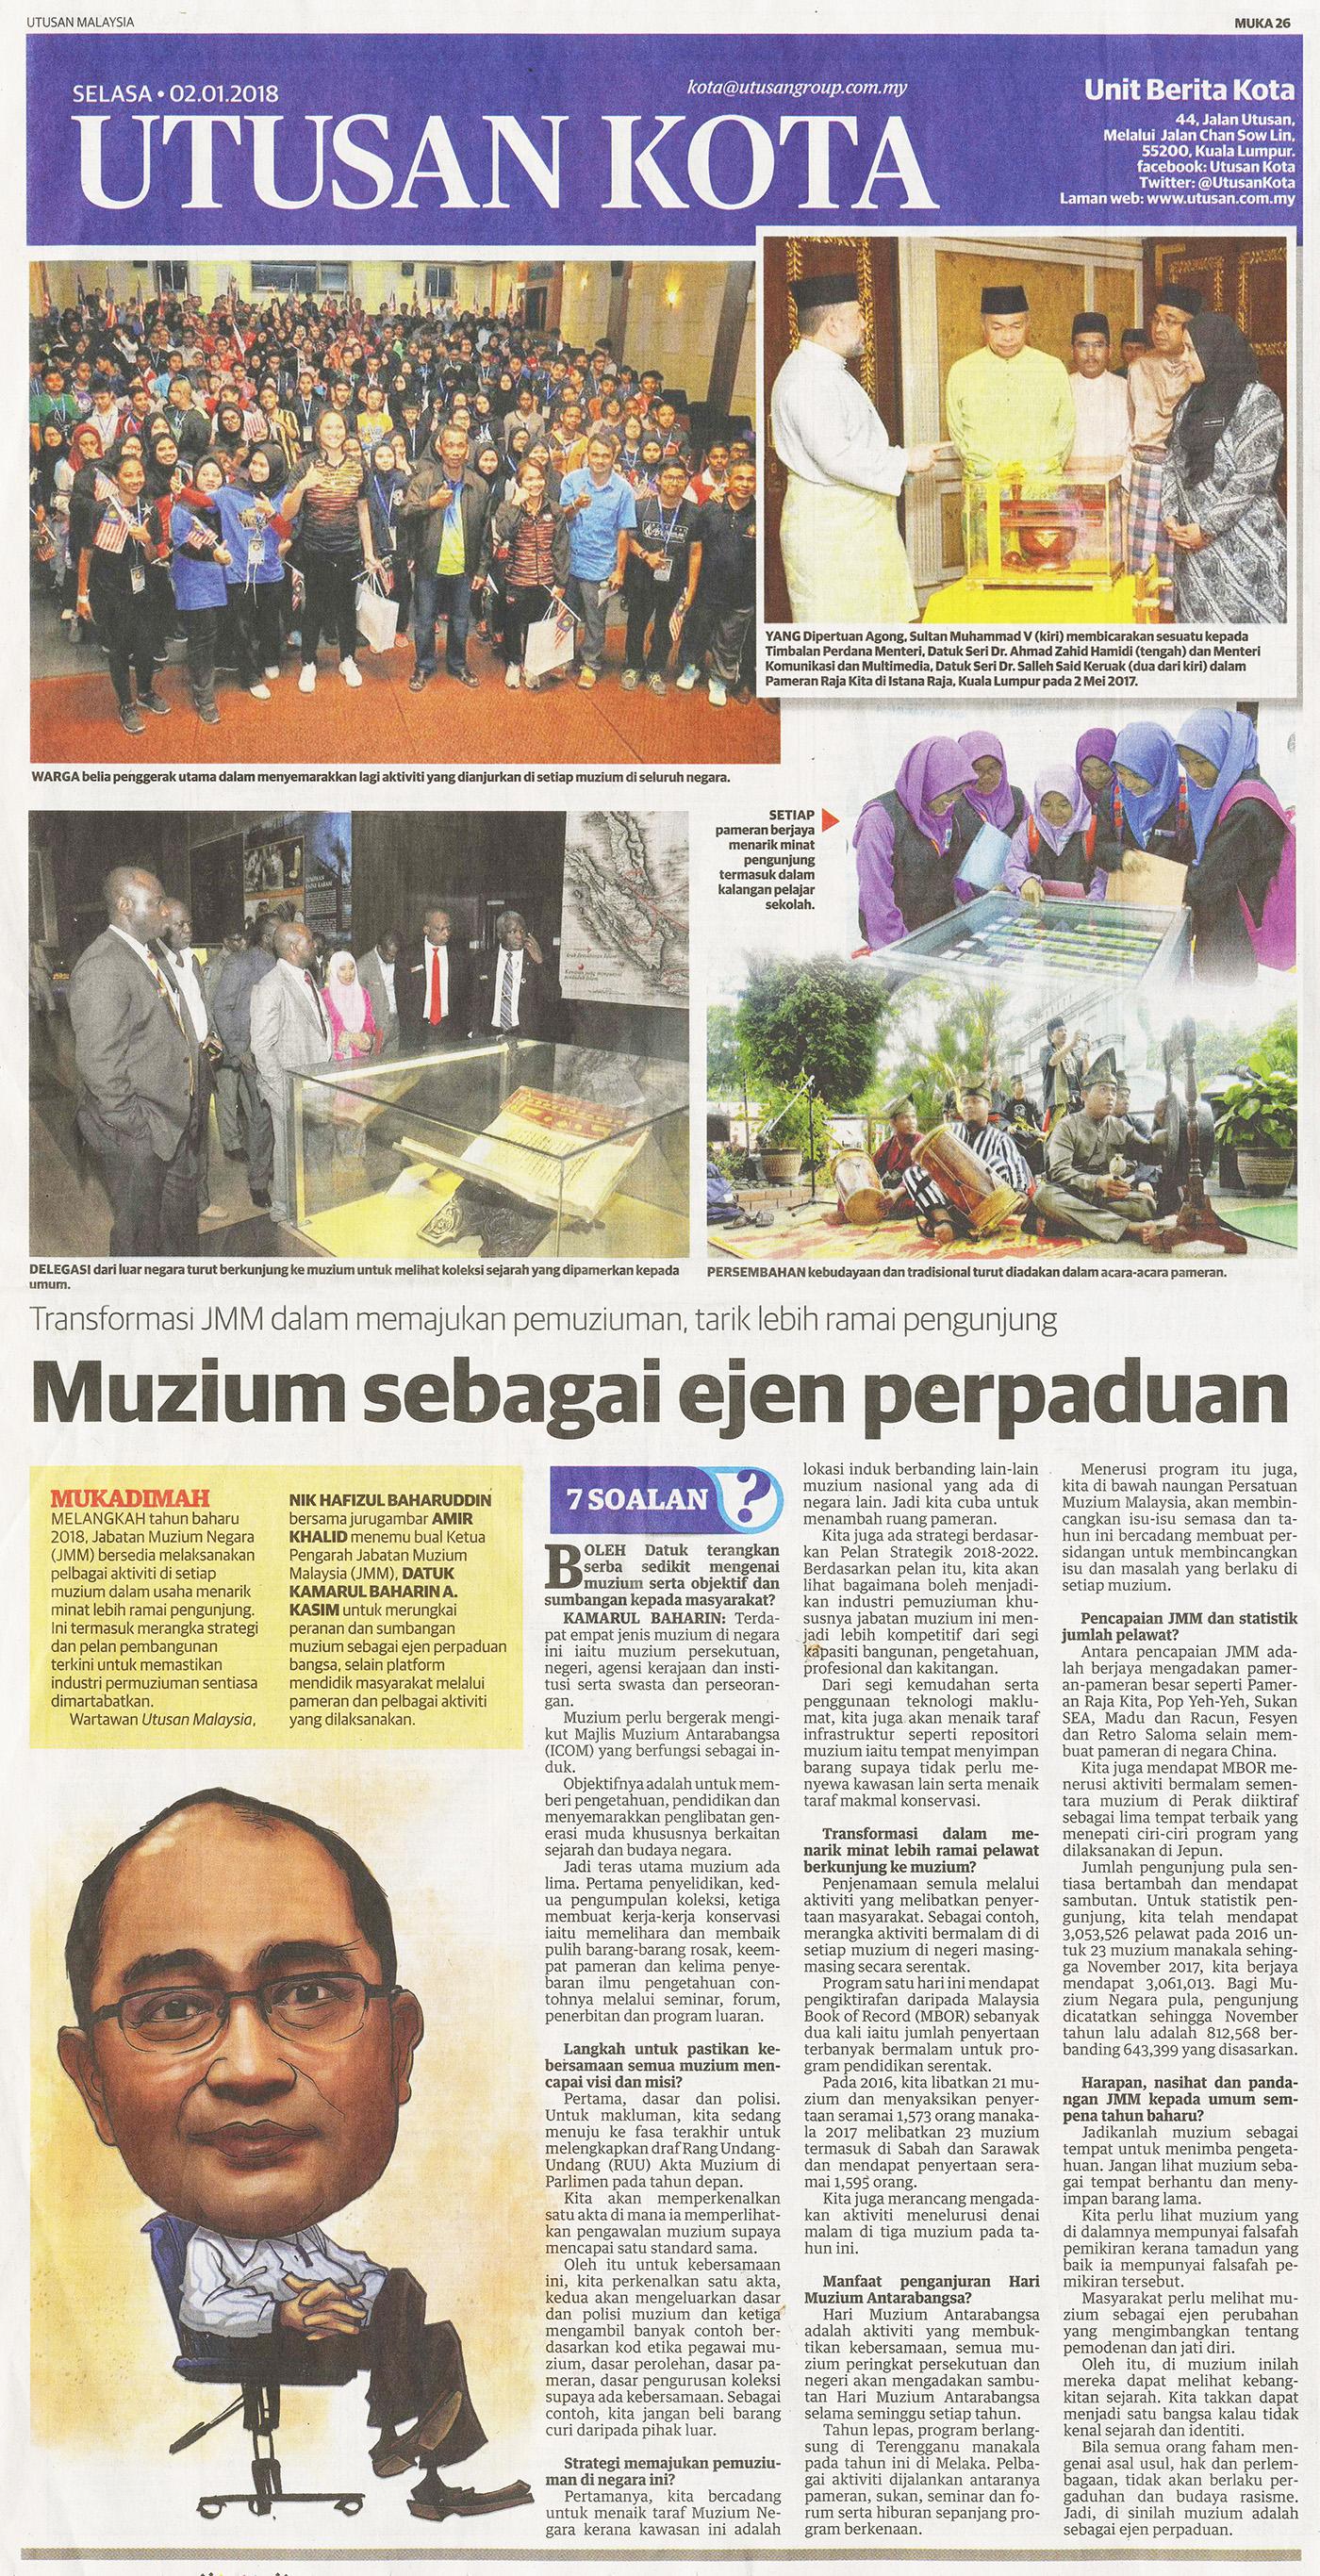 Muzium sebagai ejen perpaduan